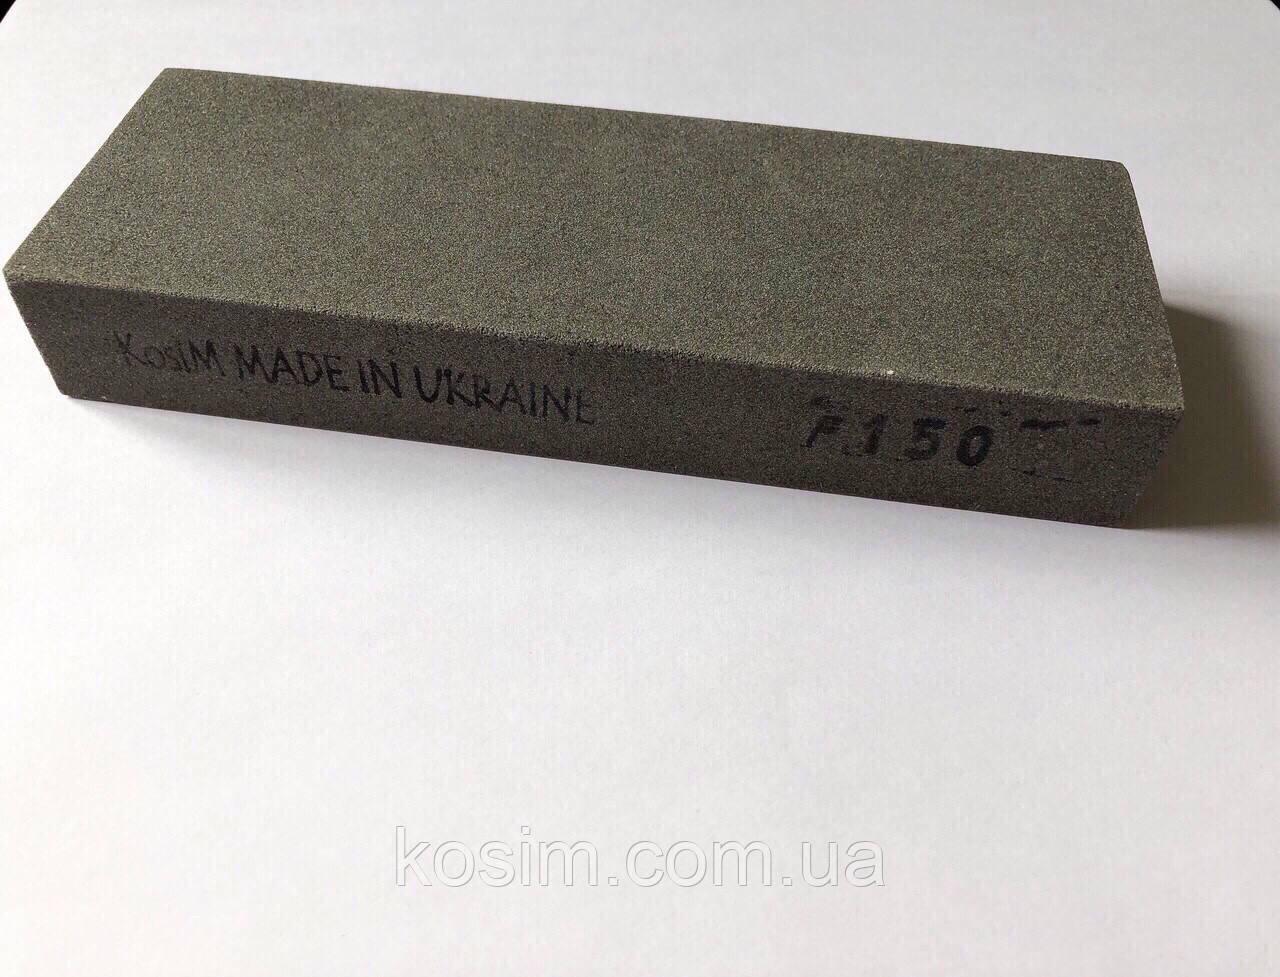 Брусок KosiM F150 1 шт 150*25*55 мм Точильные камни, для ручной заточки режущего инструмента Точилка